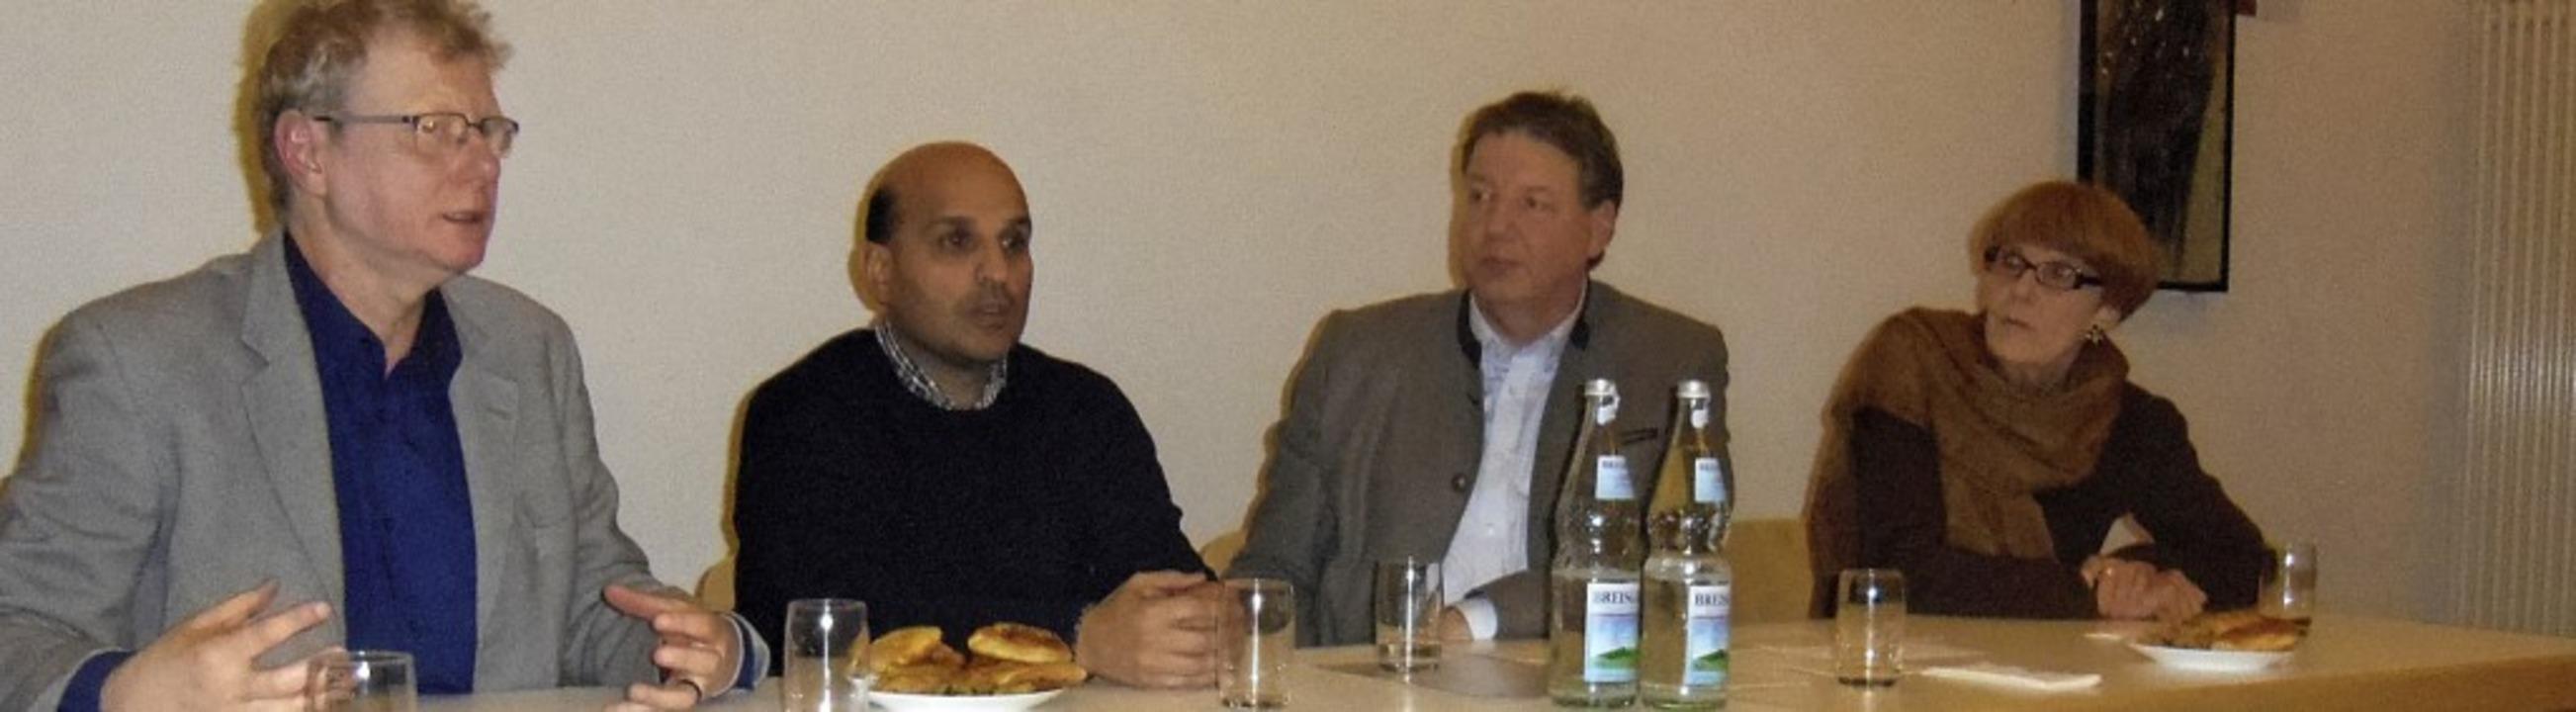 Die Referenten der Vortragsreihe bei d...usch und  Gudrun Schubert (von links)     Foto: Jennert